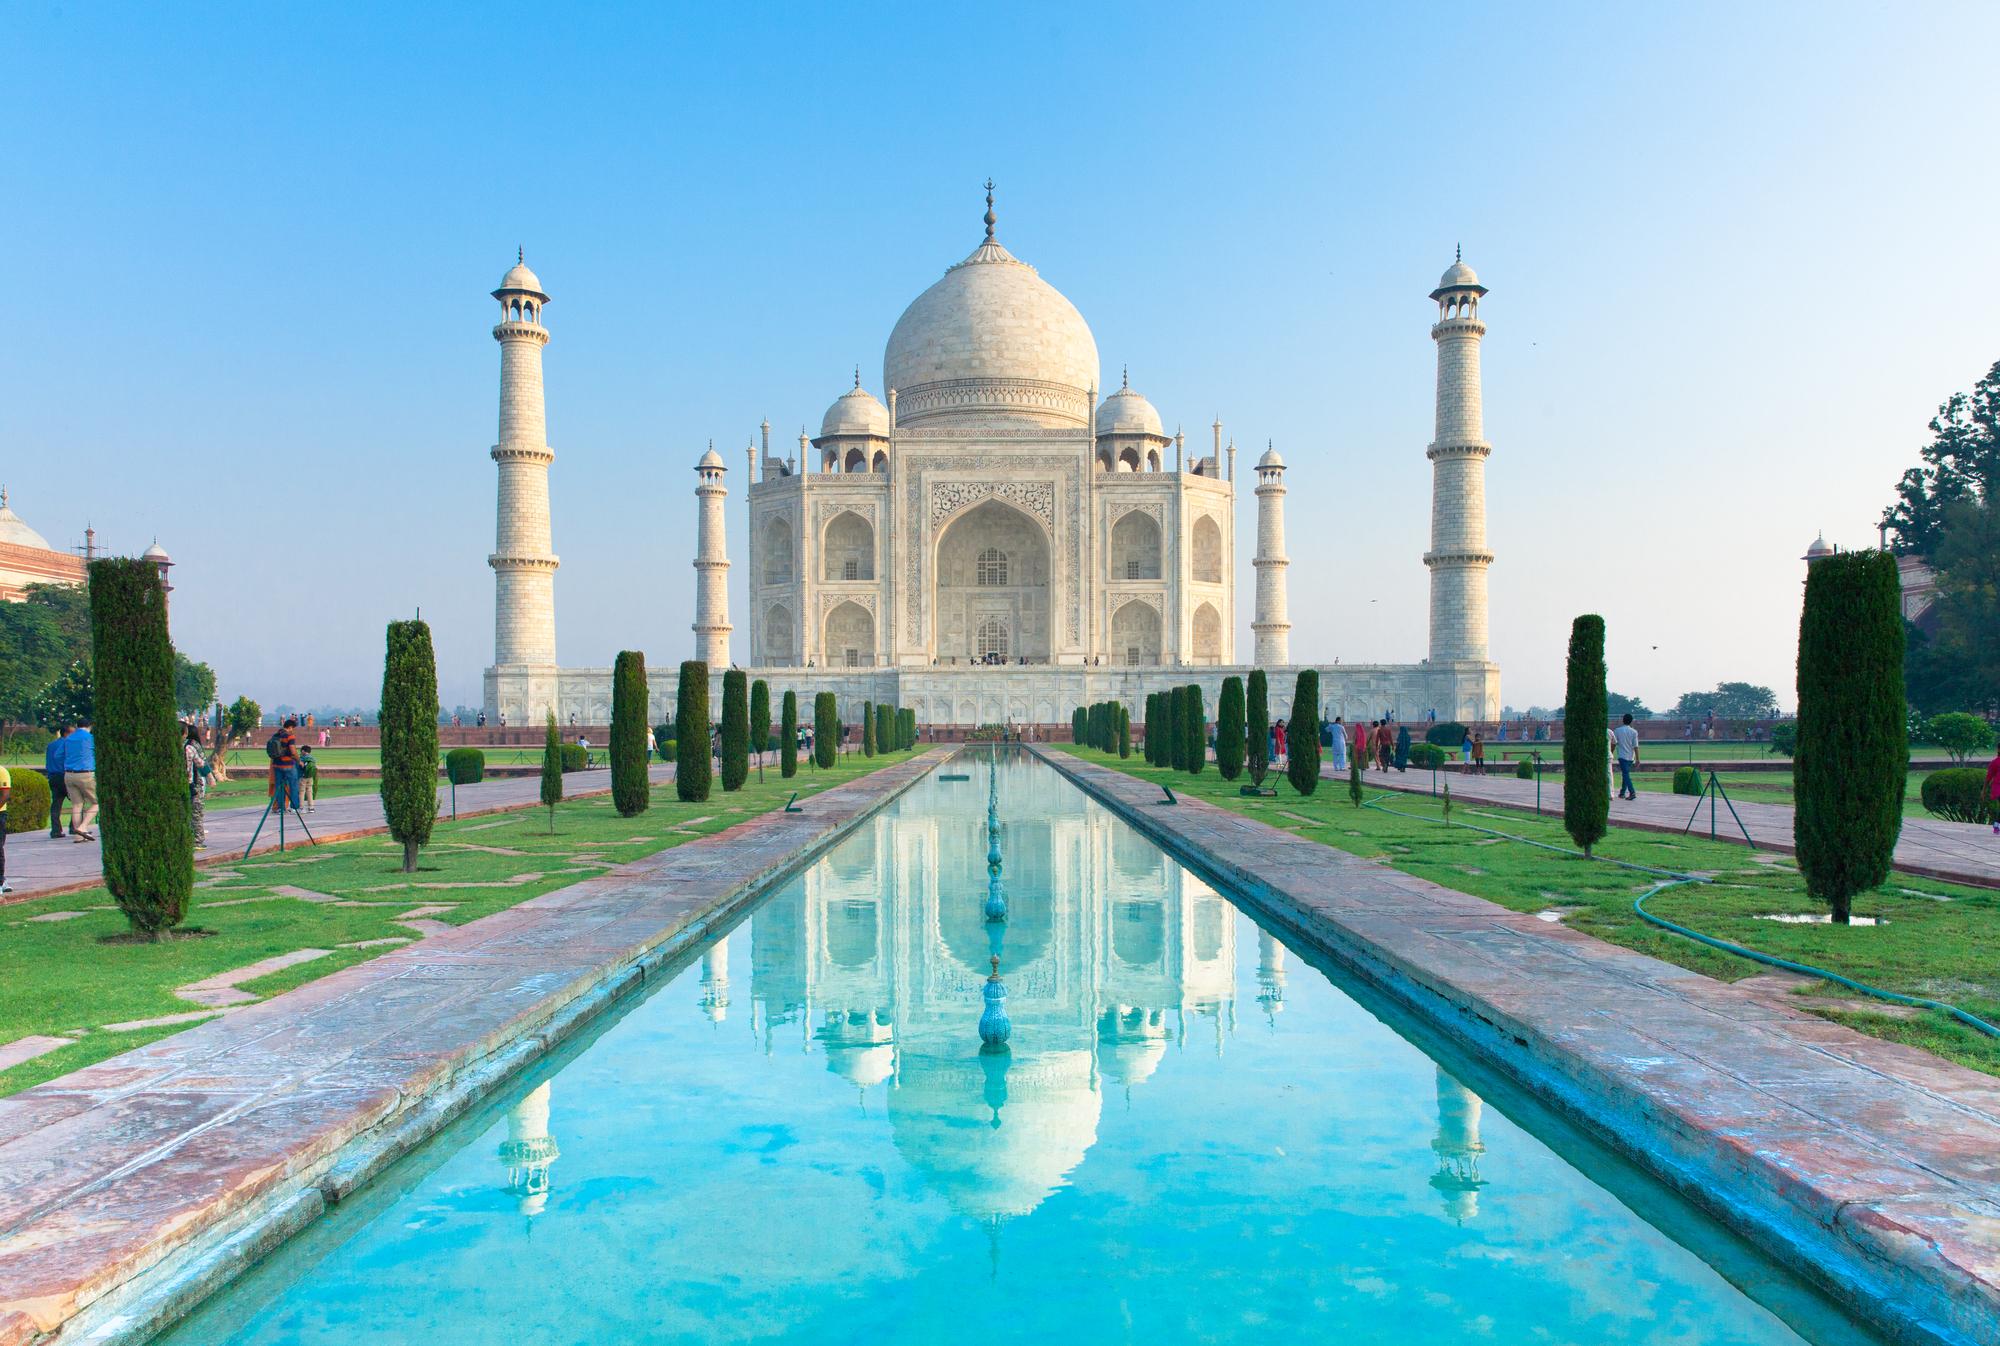 インドの社会問題を改善しながら拡大が期待できるシェアリングエコノミー市場